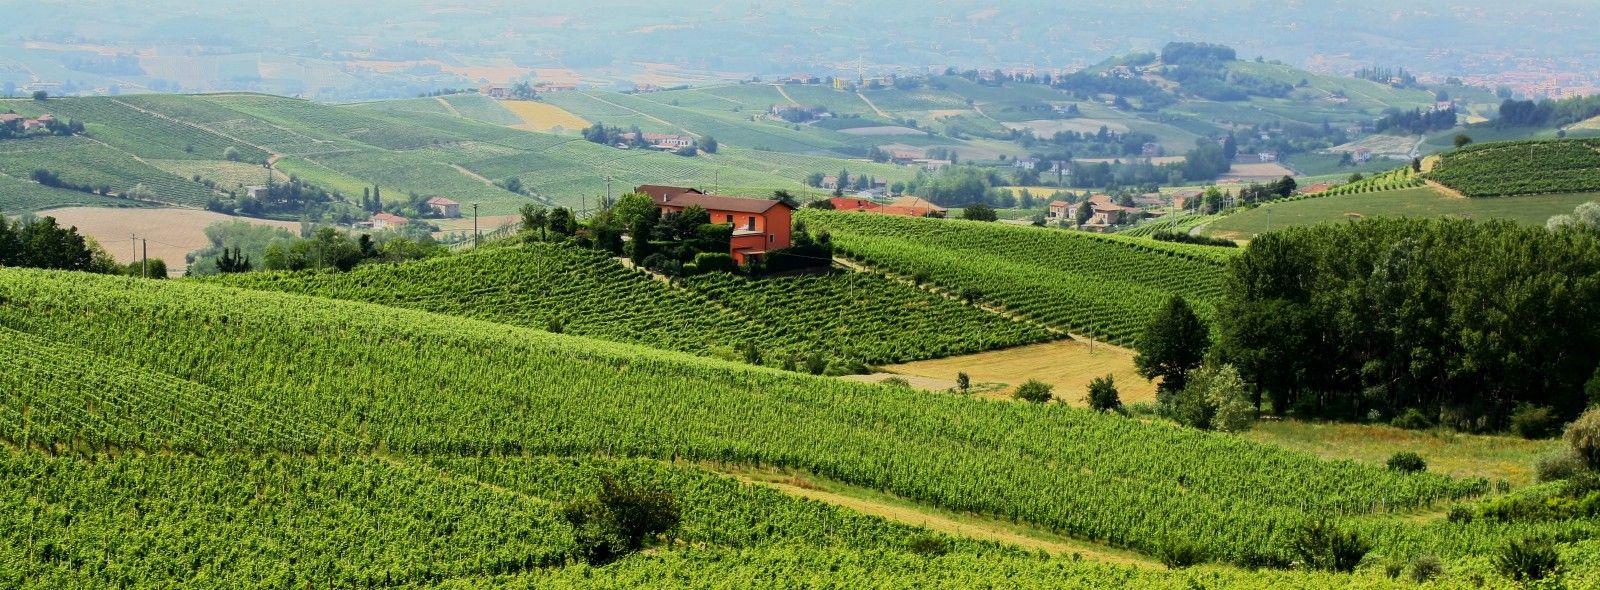 Tour nelle cantine Monferrato